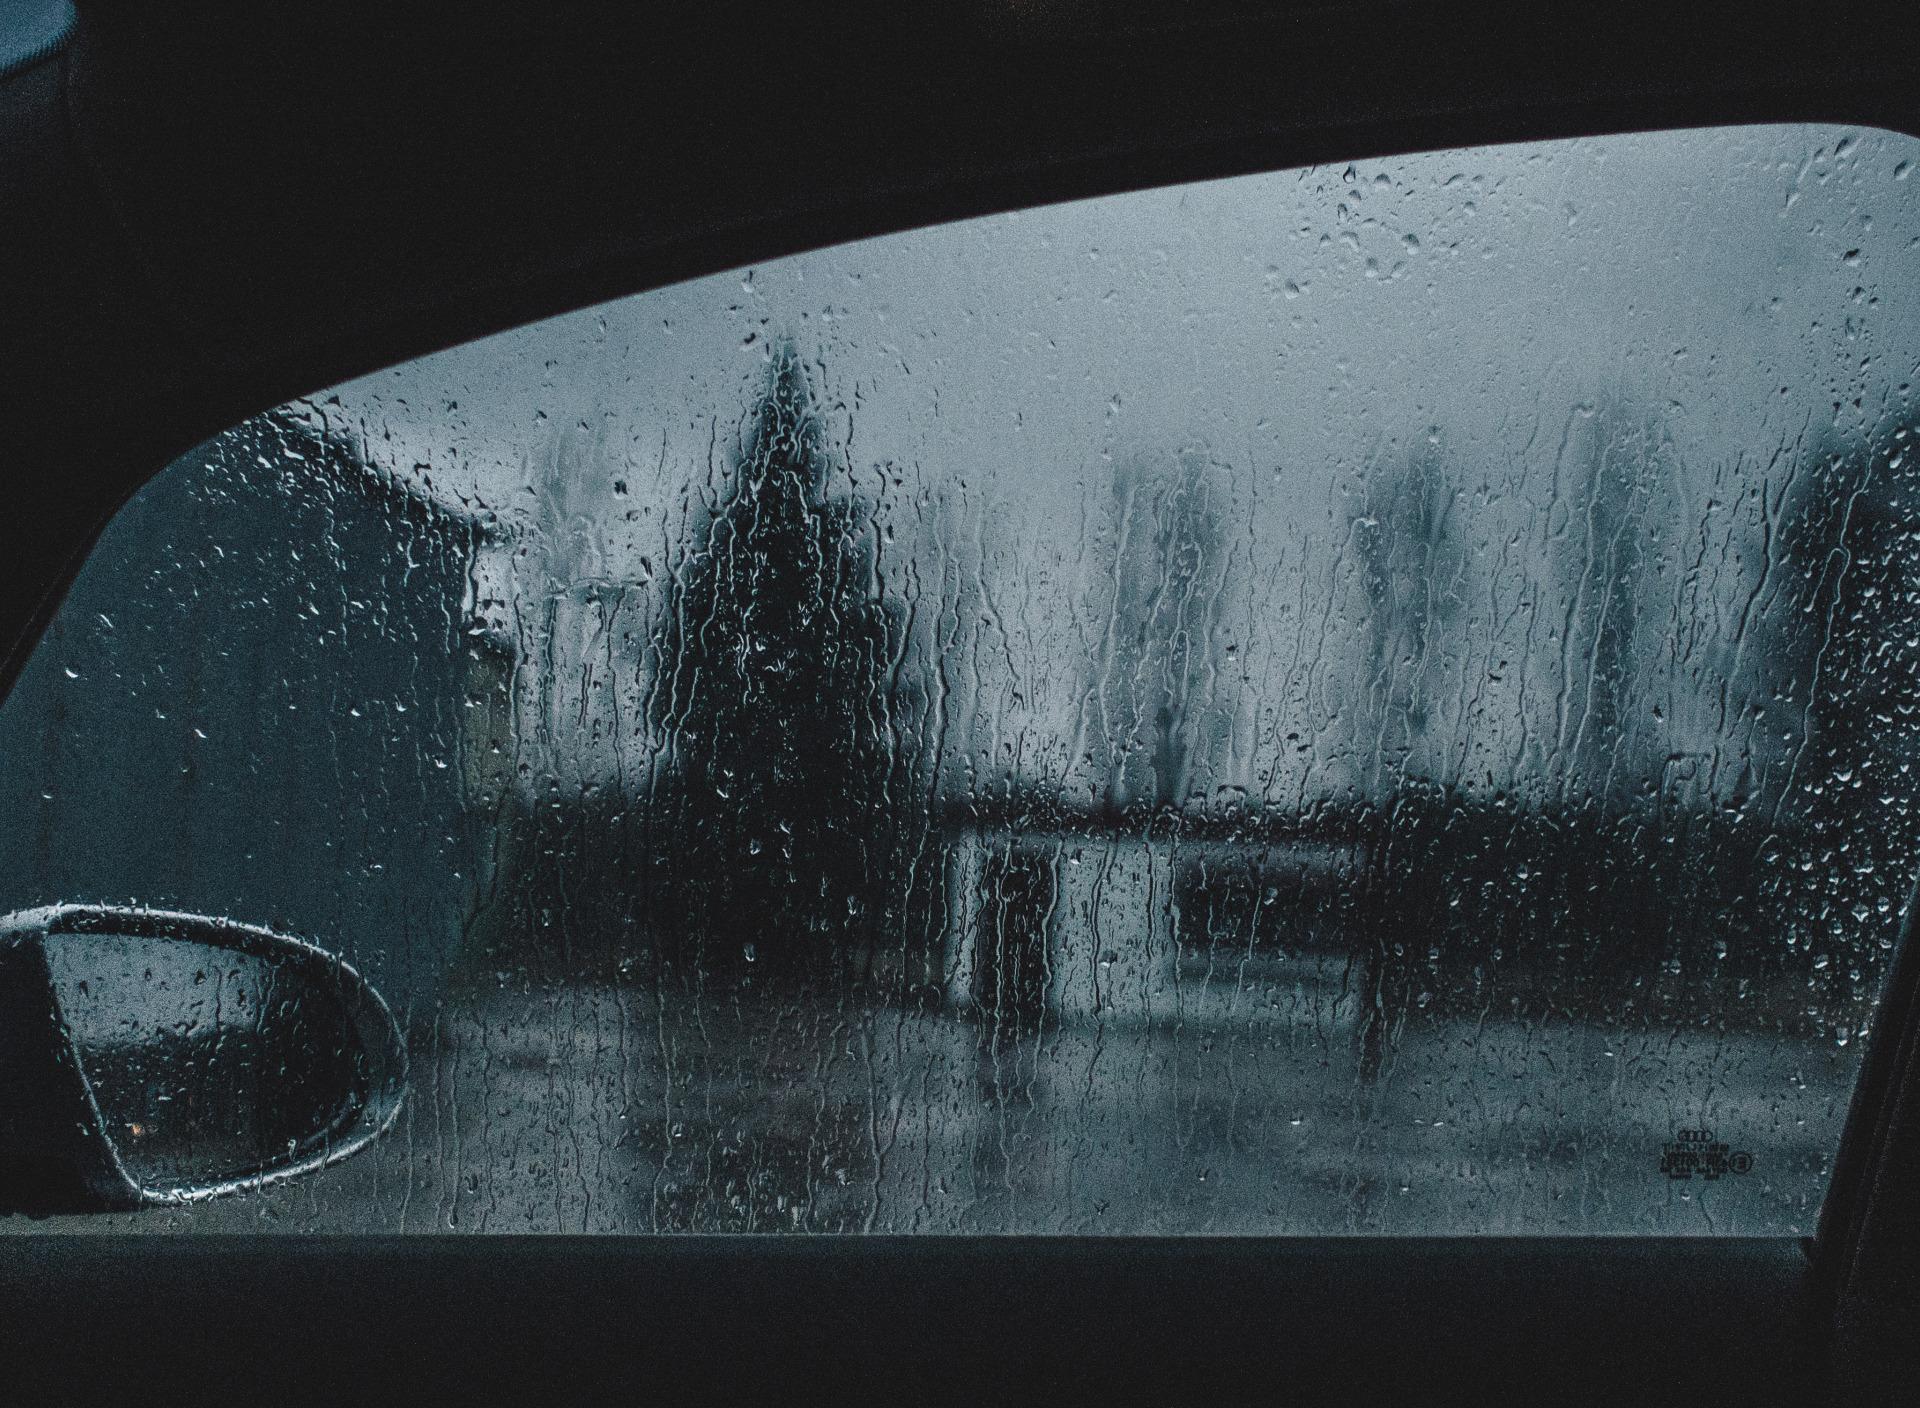 ежедневно фотографии на стекло машины очень